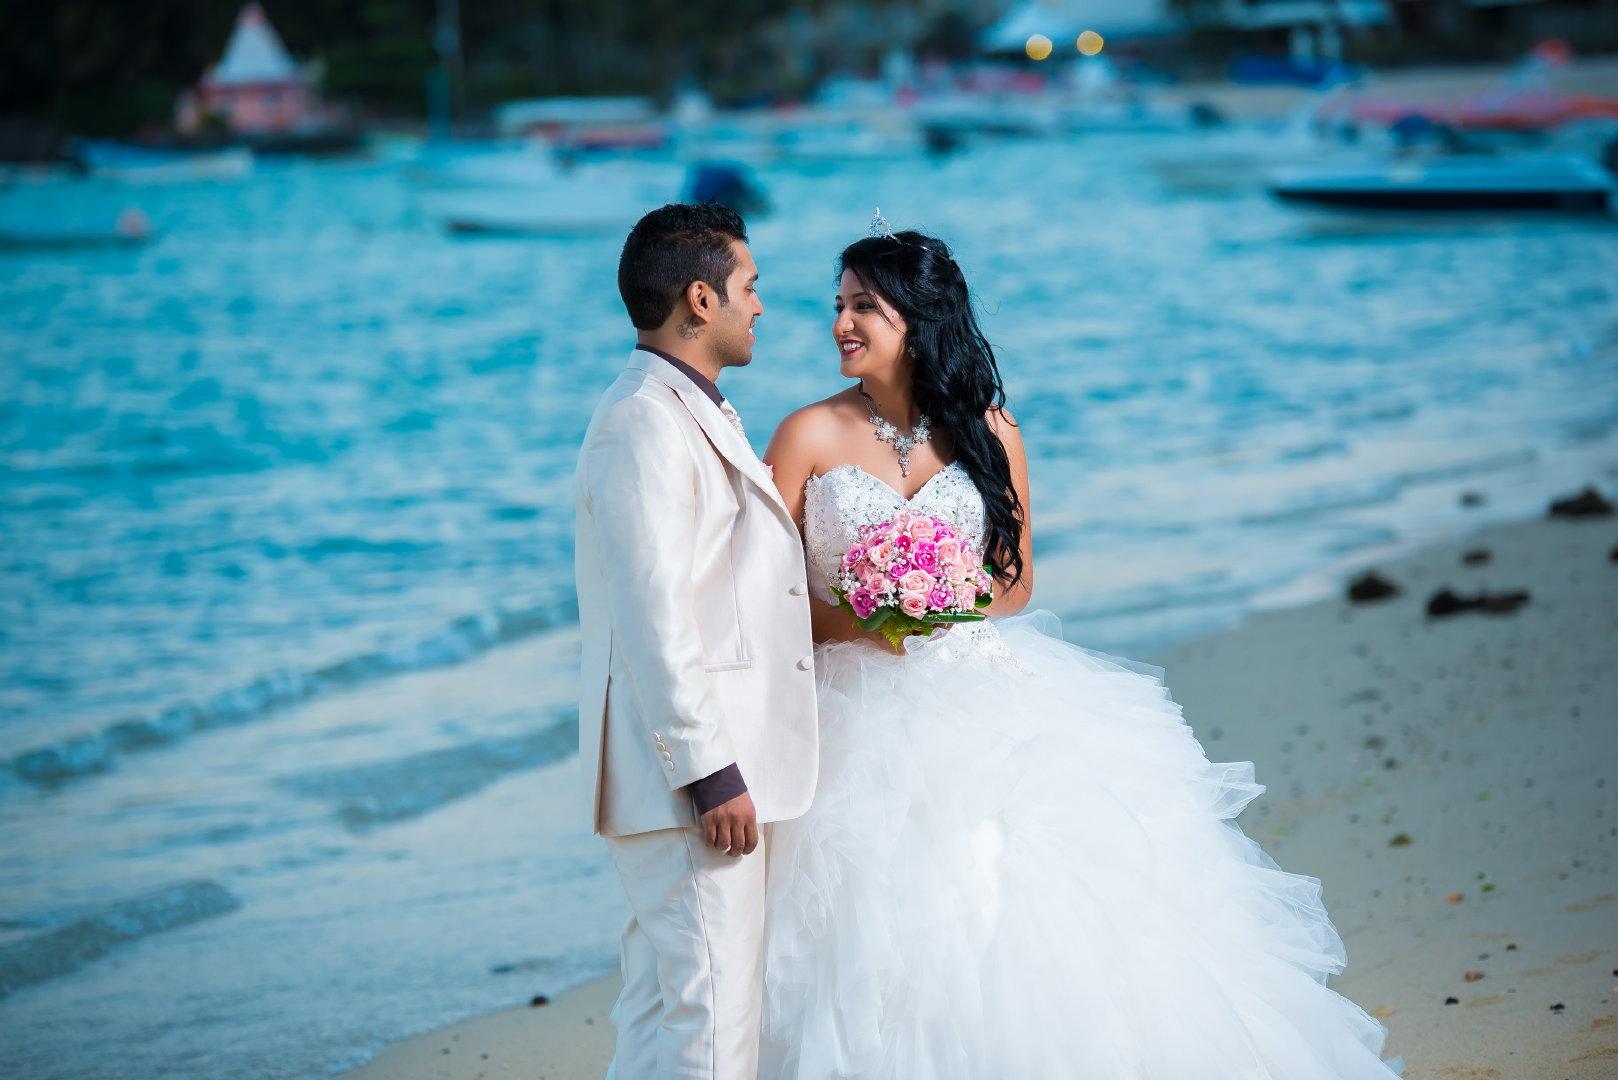 欧美浪漫婚纱人体艺术摄影